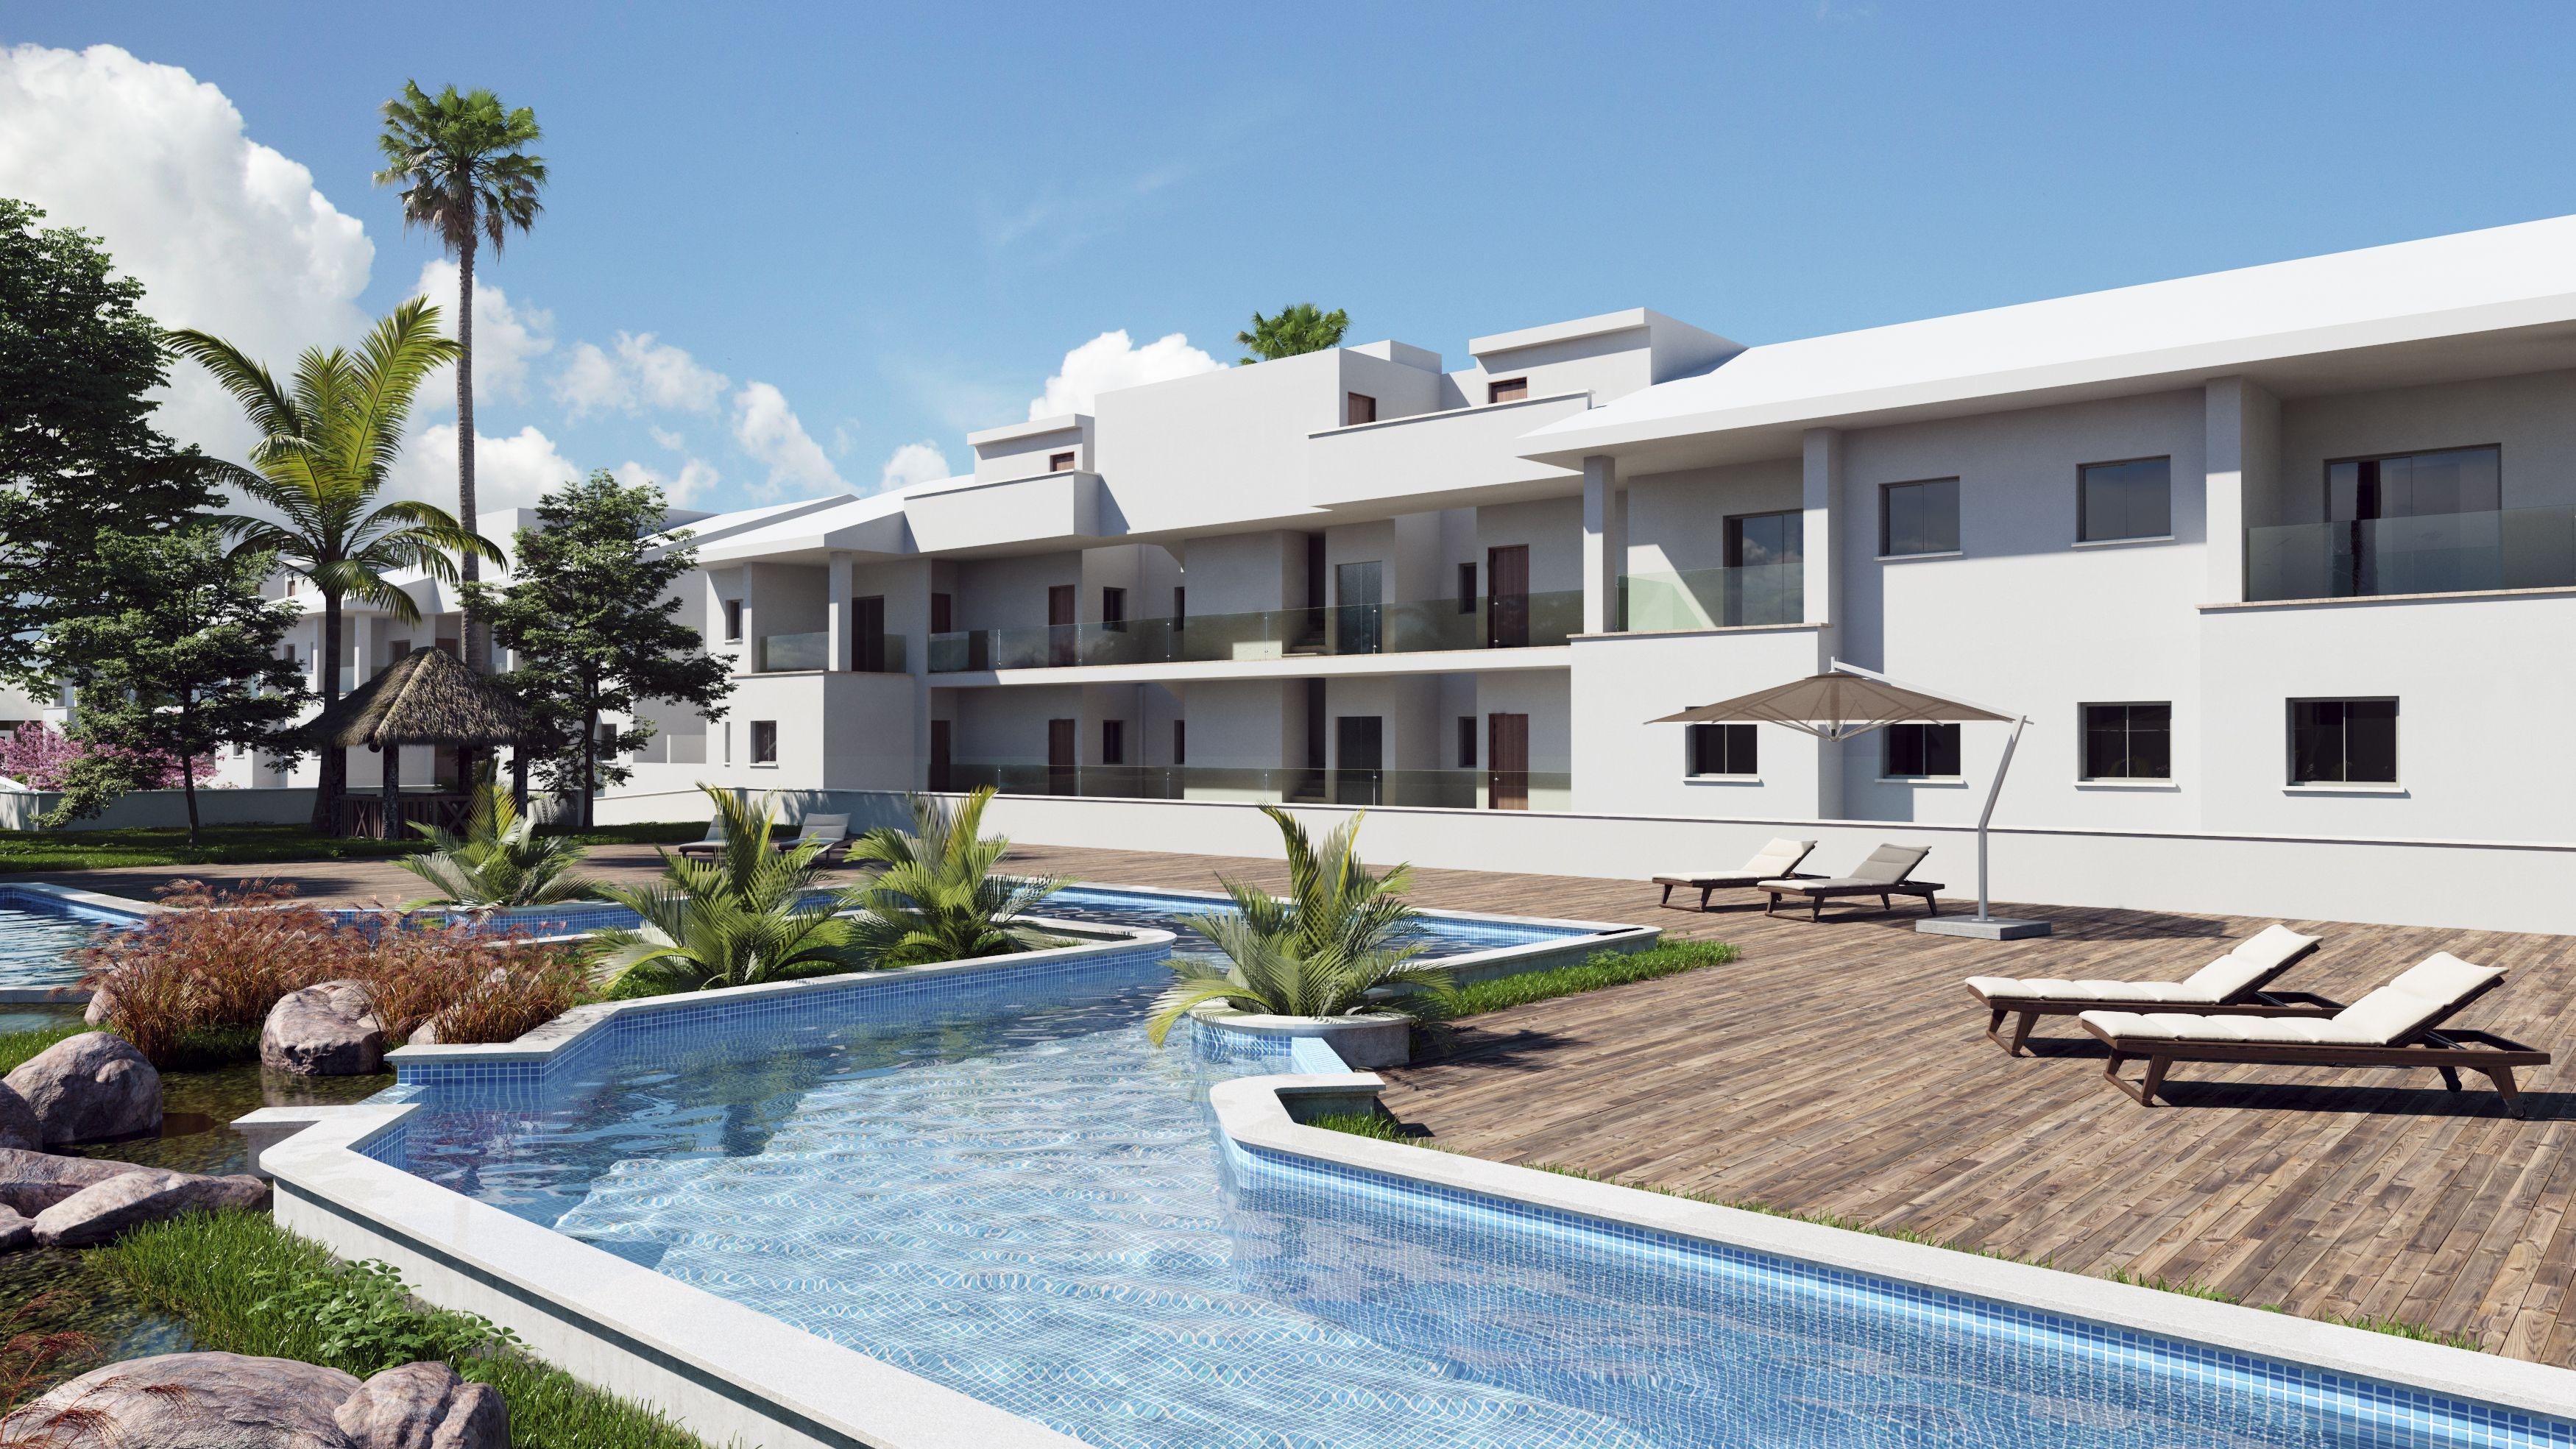 urbanizacion-santangelo-benalmadena-malaga-arquitectura-exterior